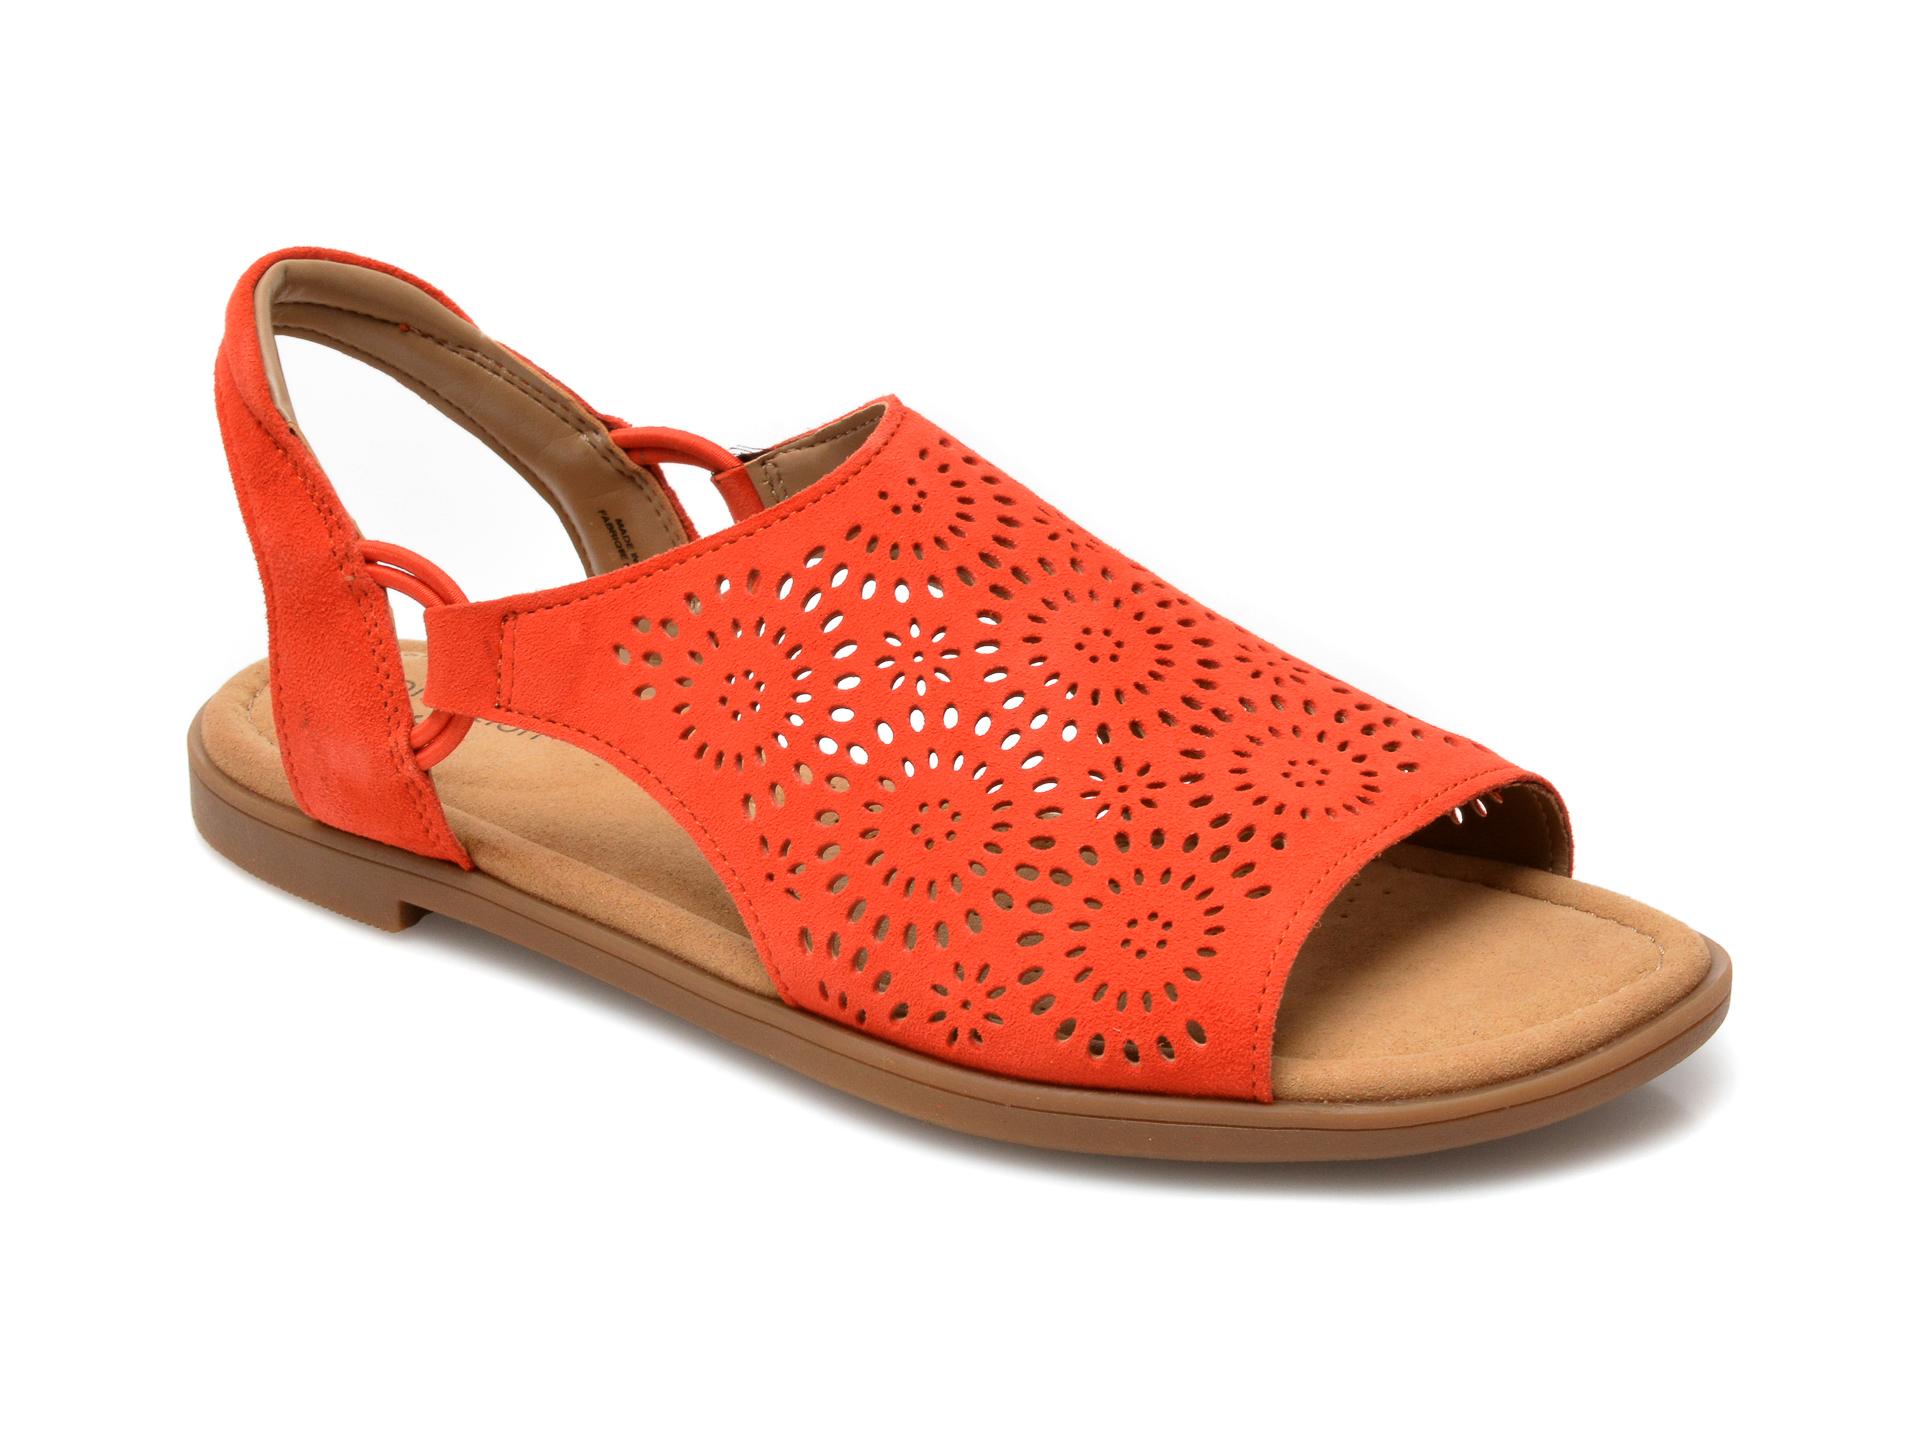 Sandale CLARKS rosii, Reyna Swirl, din piele intoarsa imagine otter.ro 2021